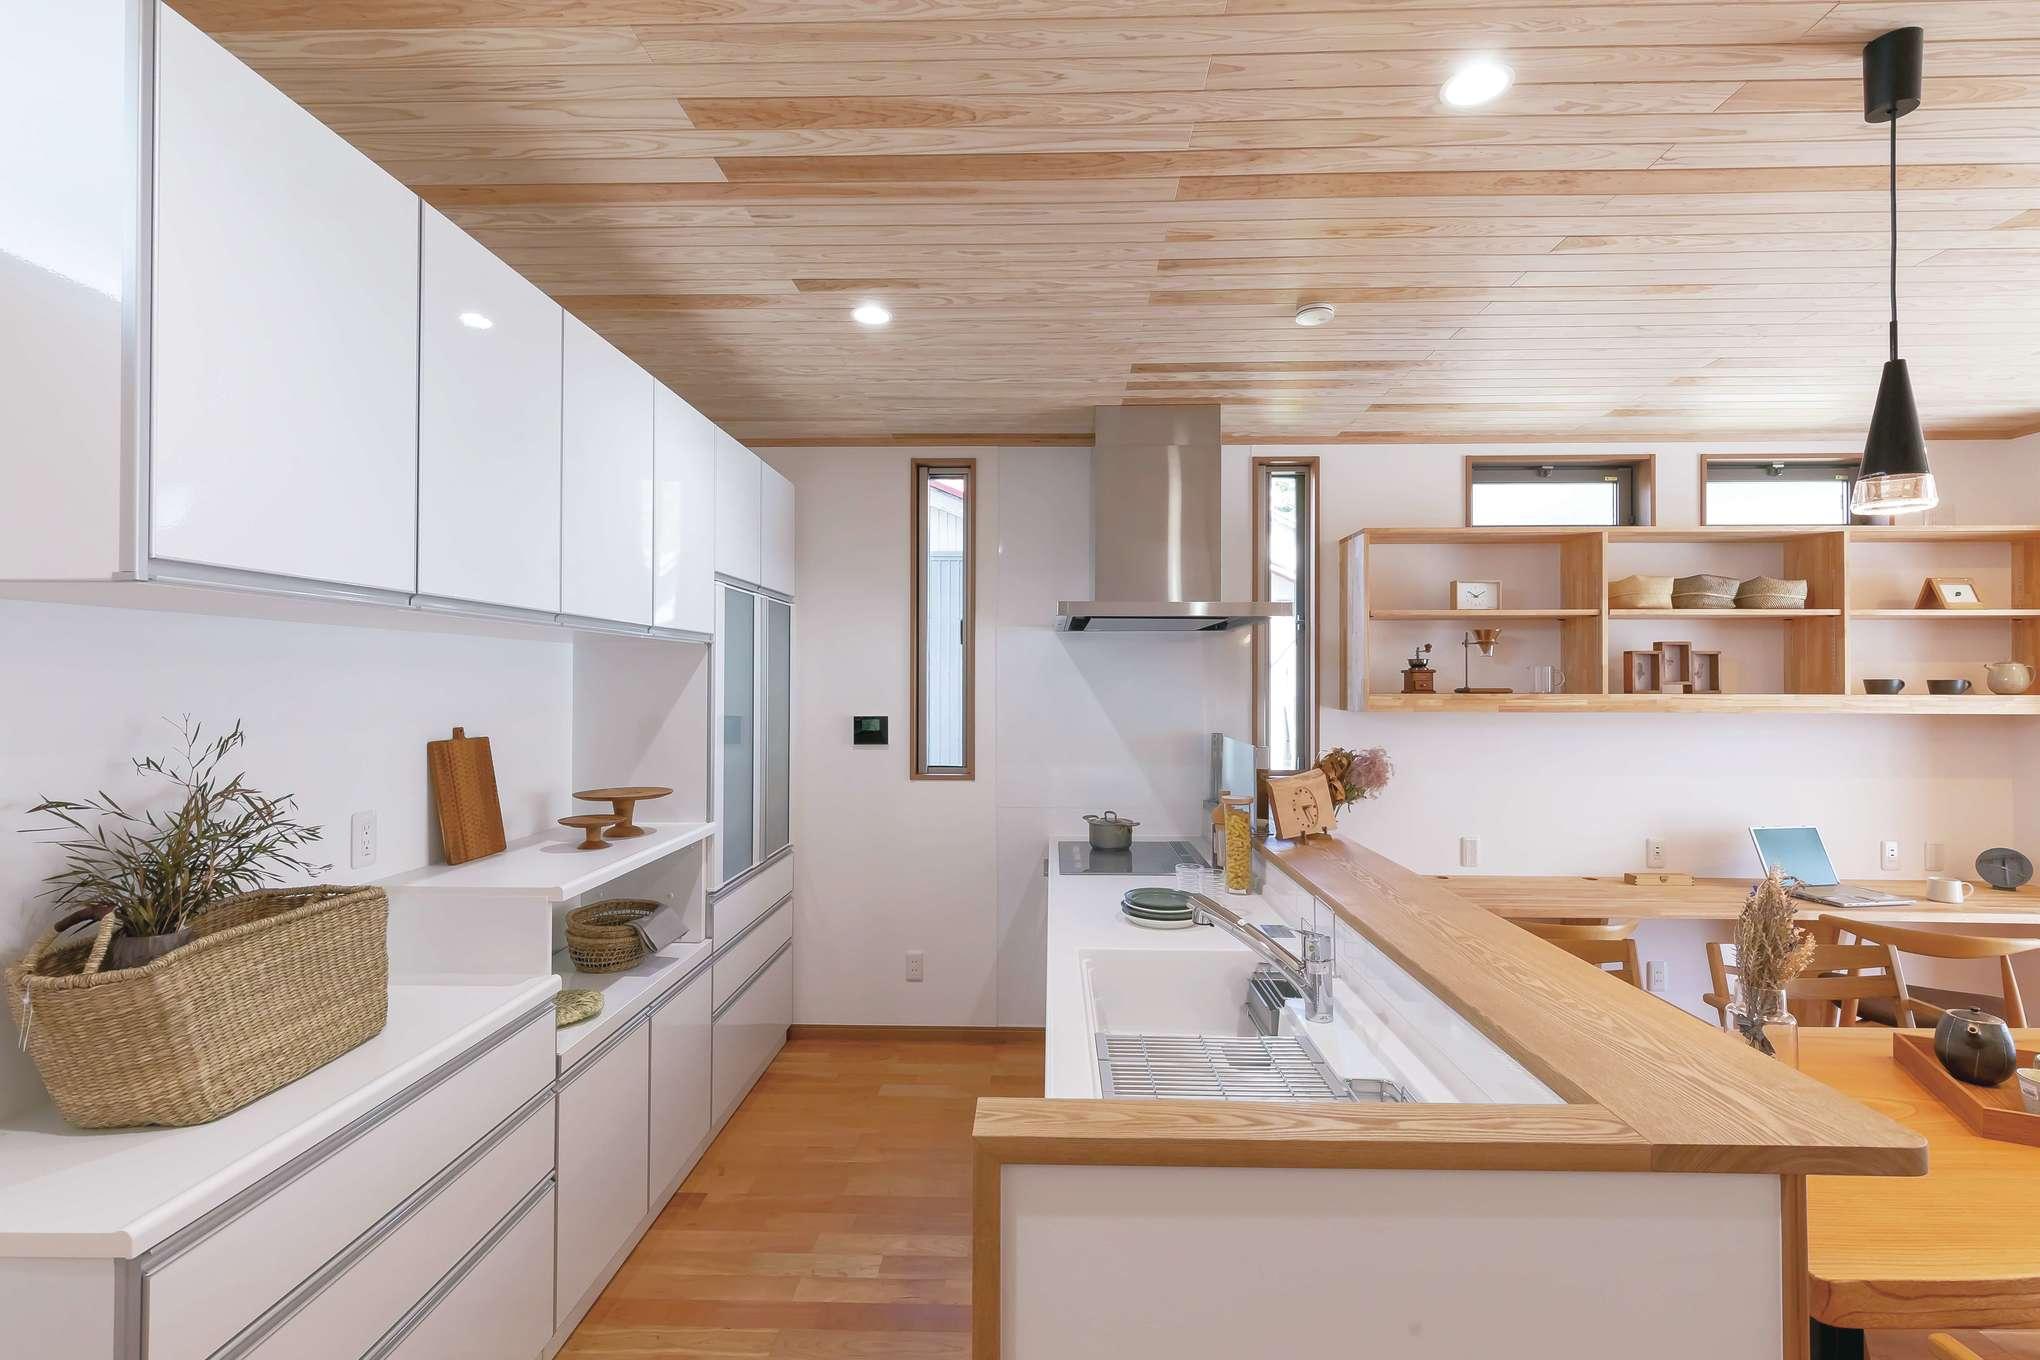 住まいるコーポレーション【デザイン住宅、自然素材、間取り】ワークスペースも収納もたっぷり確保したオープンキッチン。リビングダイニングやスタディコーナーを見渡せて、お子さまの様子を見守りながら調理ができる